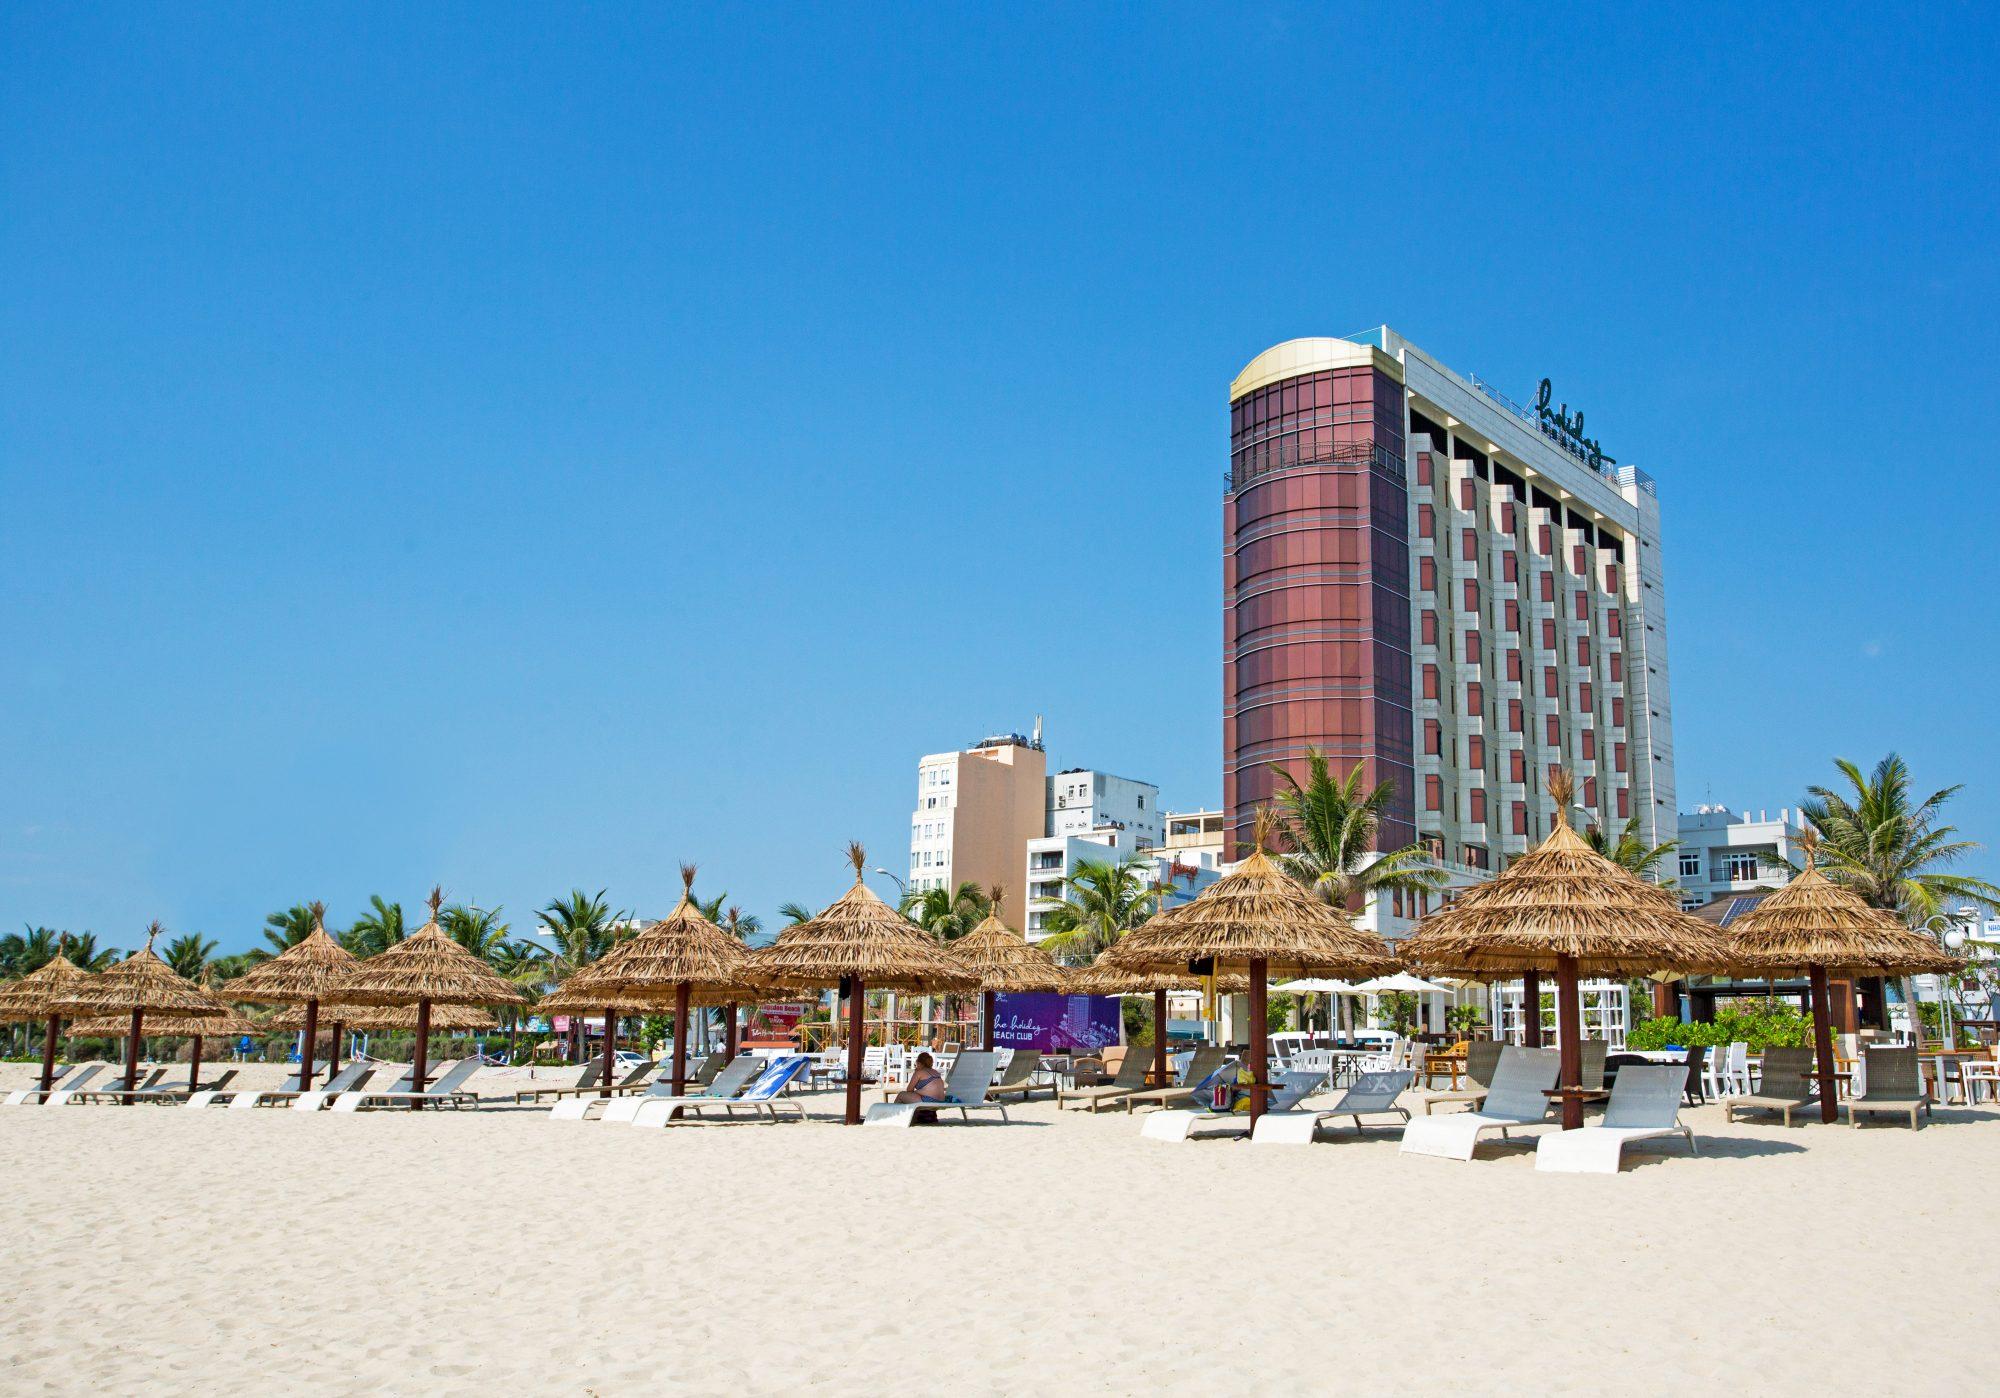 Kết quả hình ảnh cho hình khách sạn ven biển